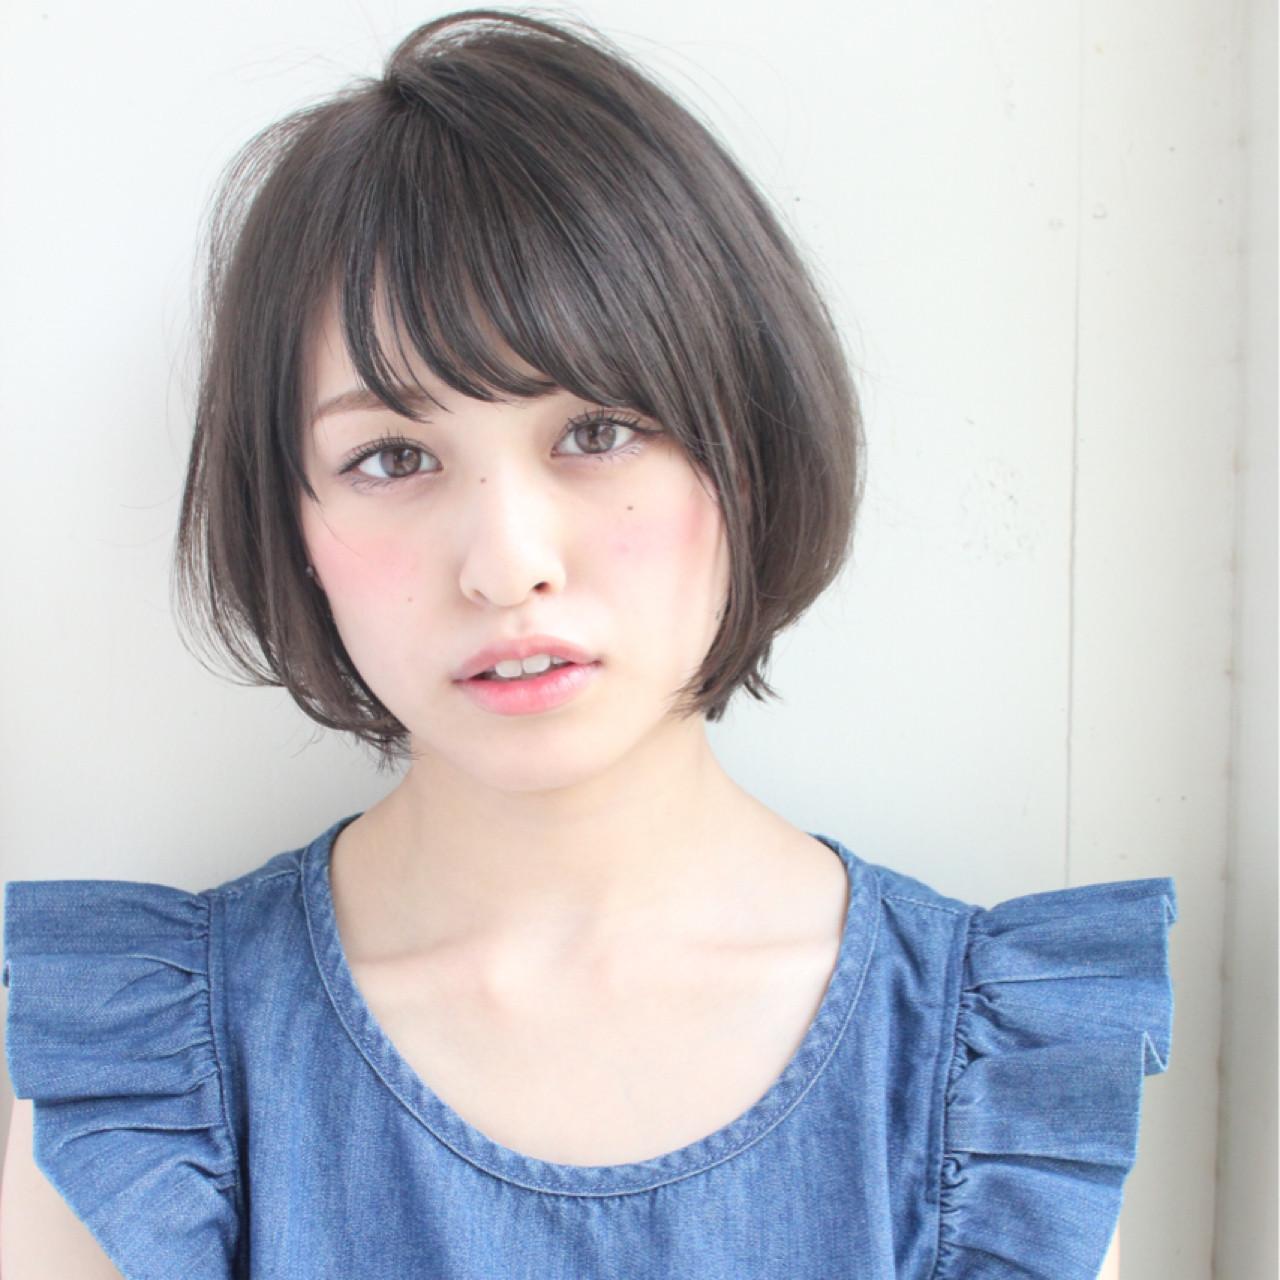 髪型に迷ったら、こなれ黒髪に挑戦!厳選10スタイルをご紹介♡ GARDEN omotesando 宮崎えりな  GARDEN omotesando